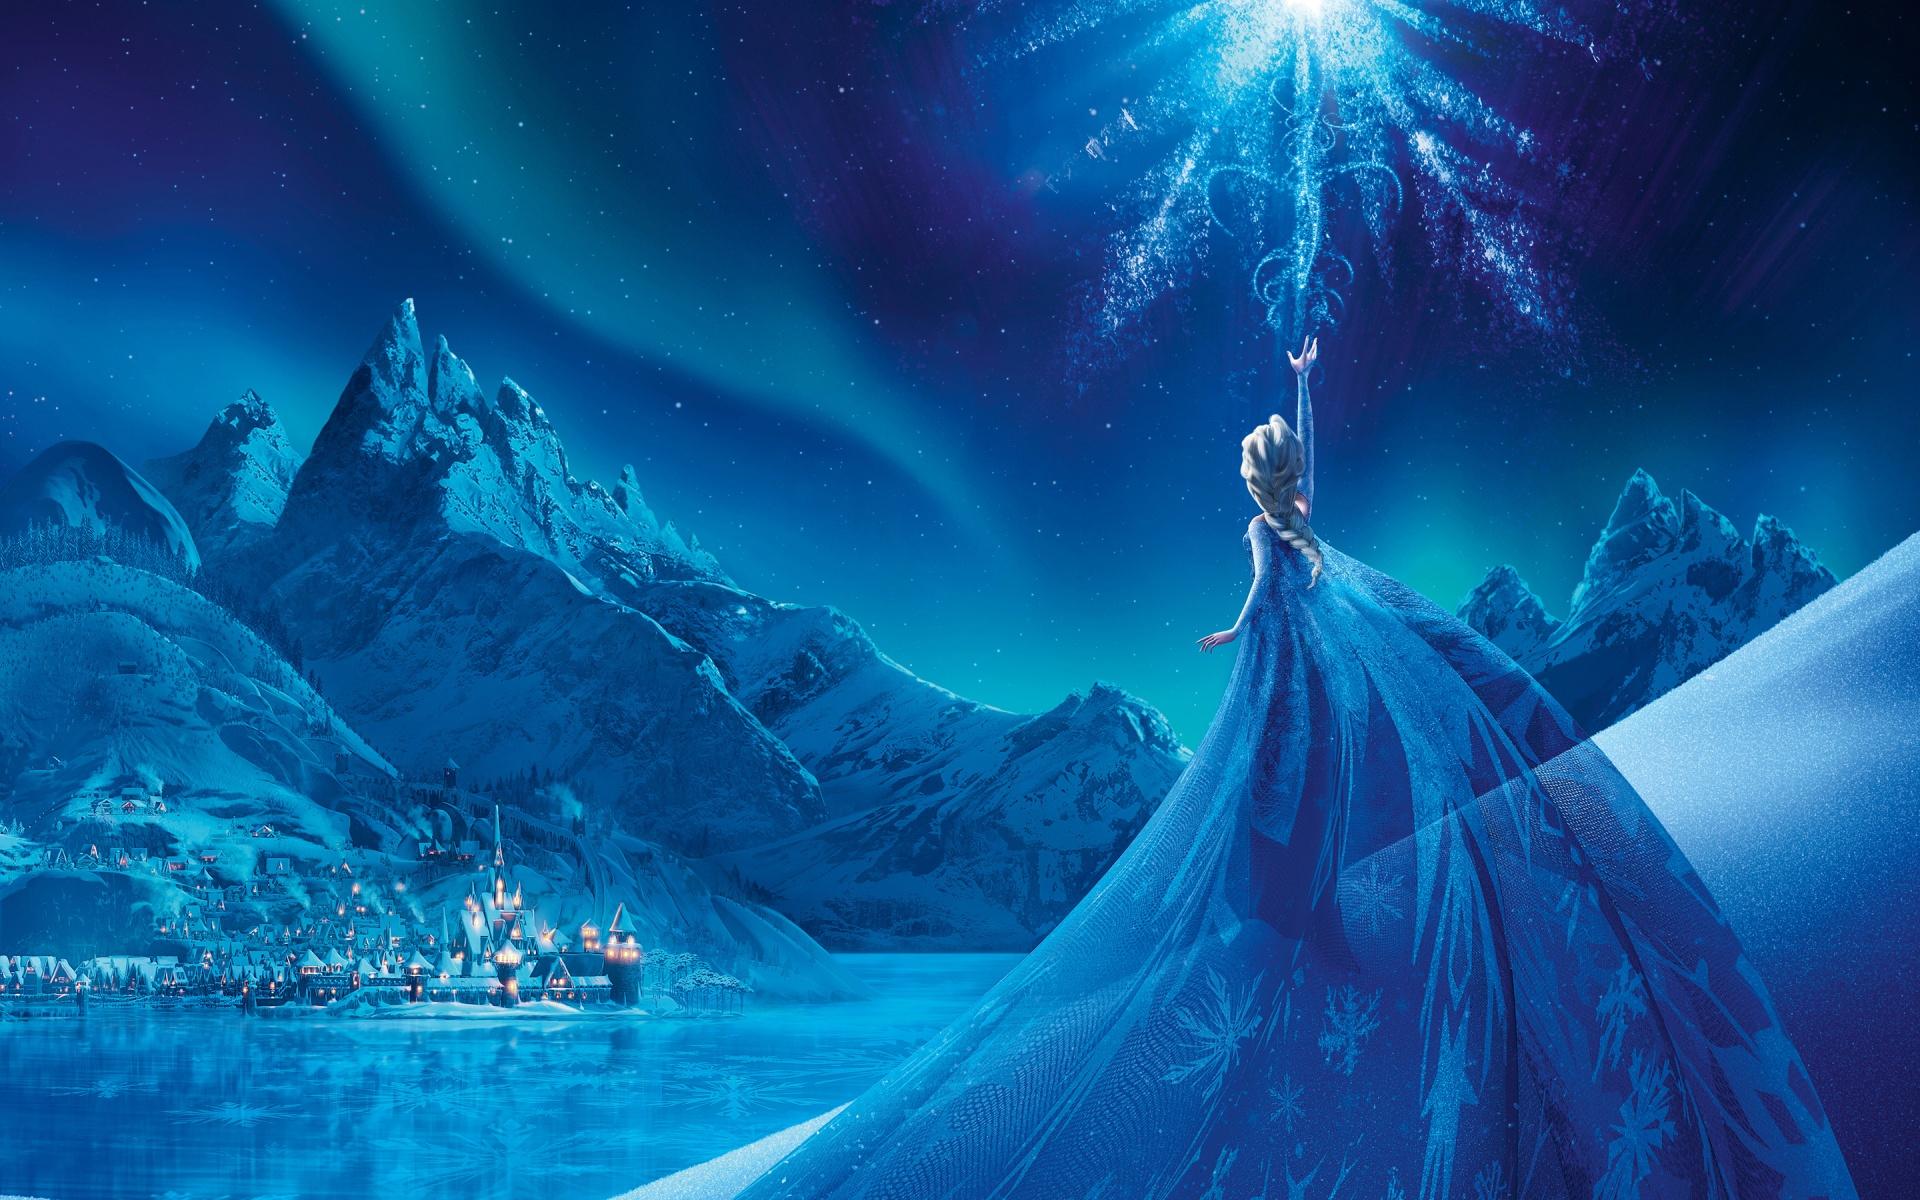 Queen Elsa and snowjpg 1920x1200